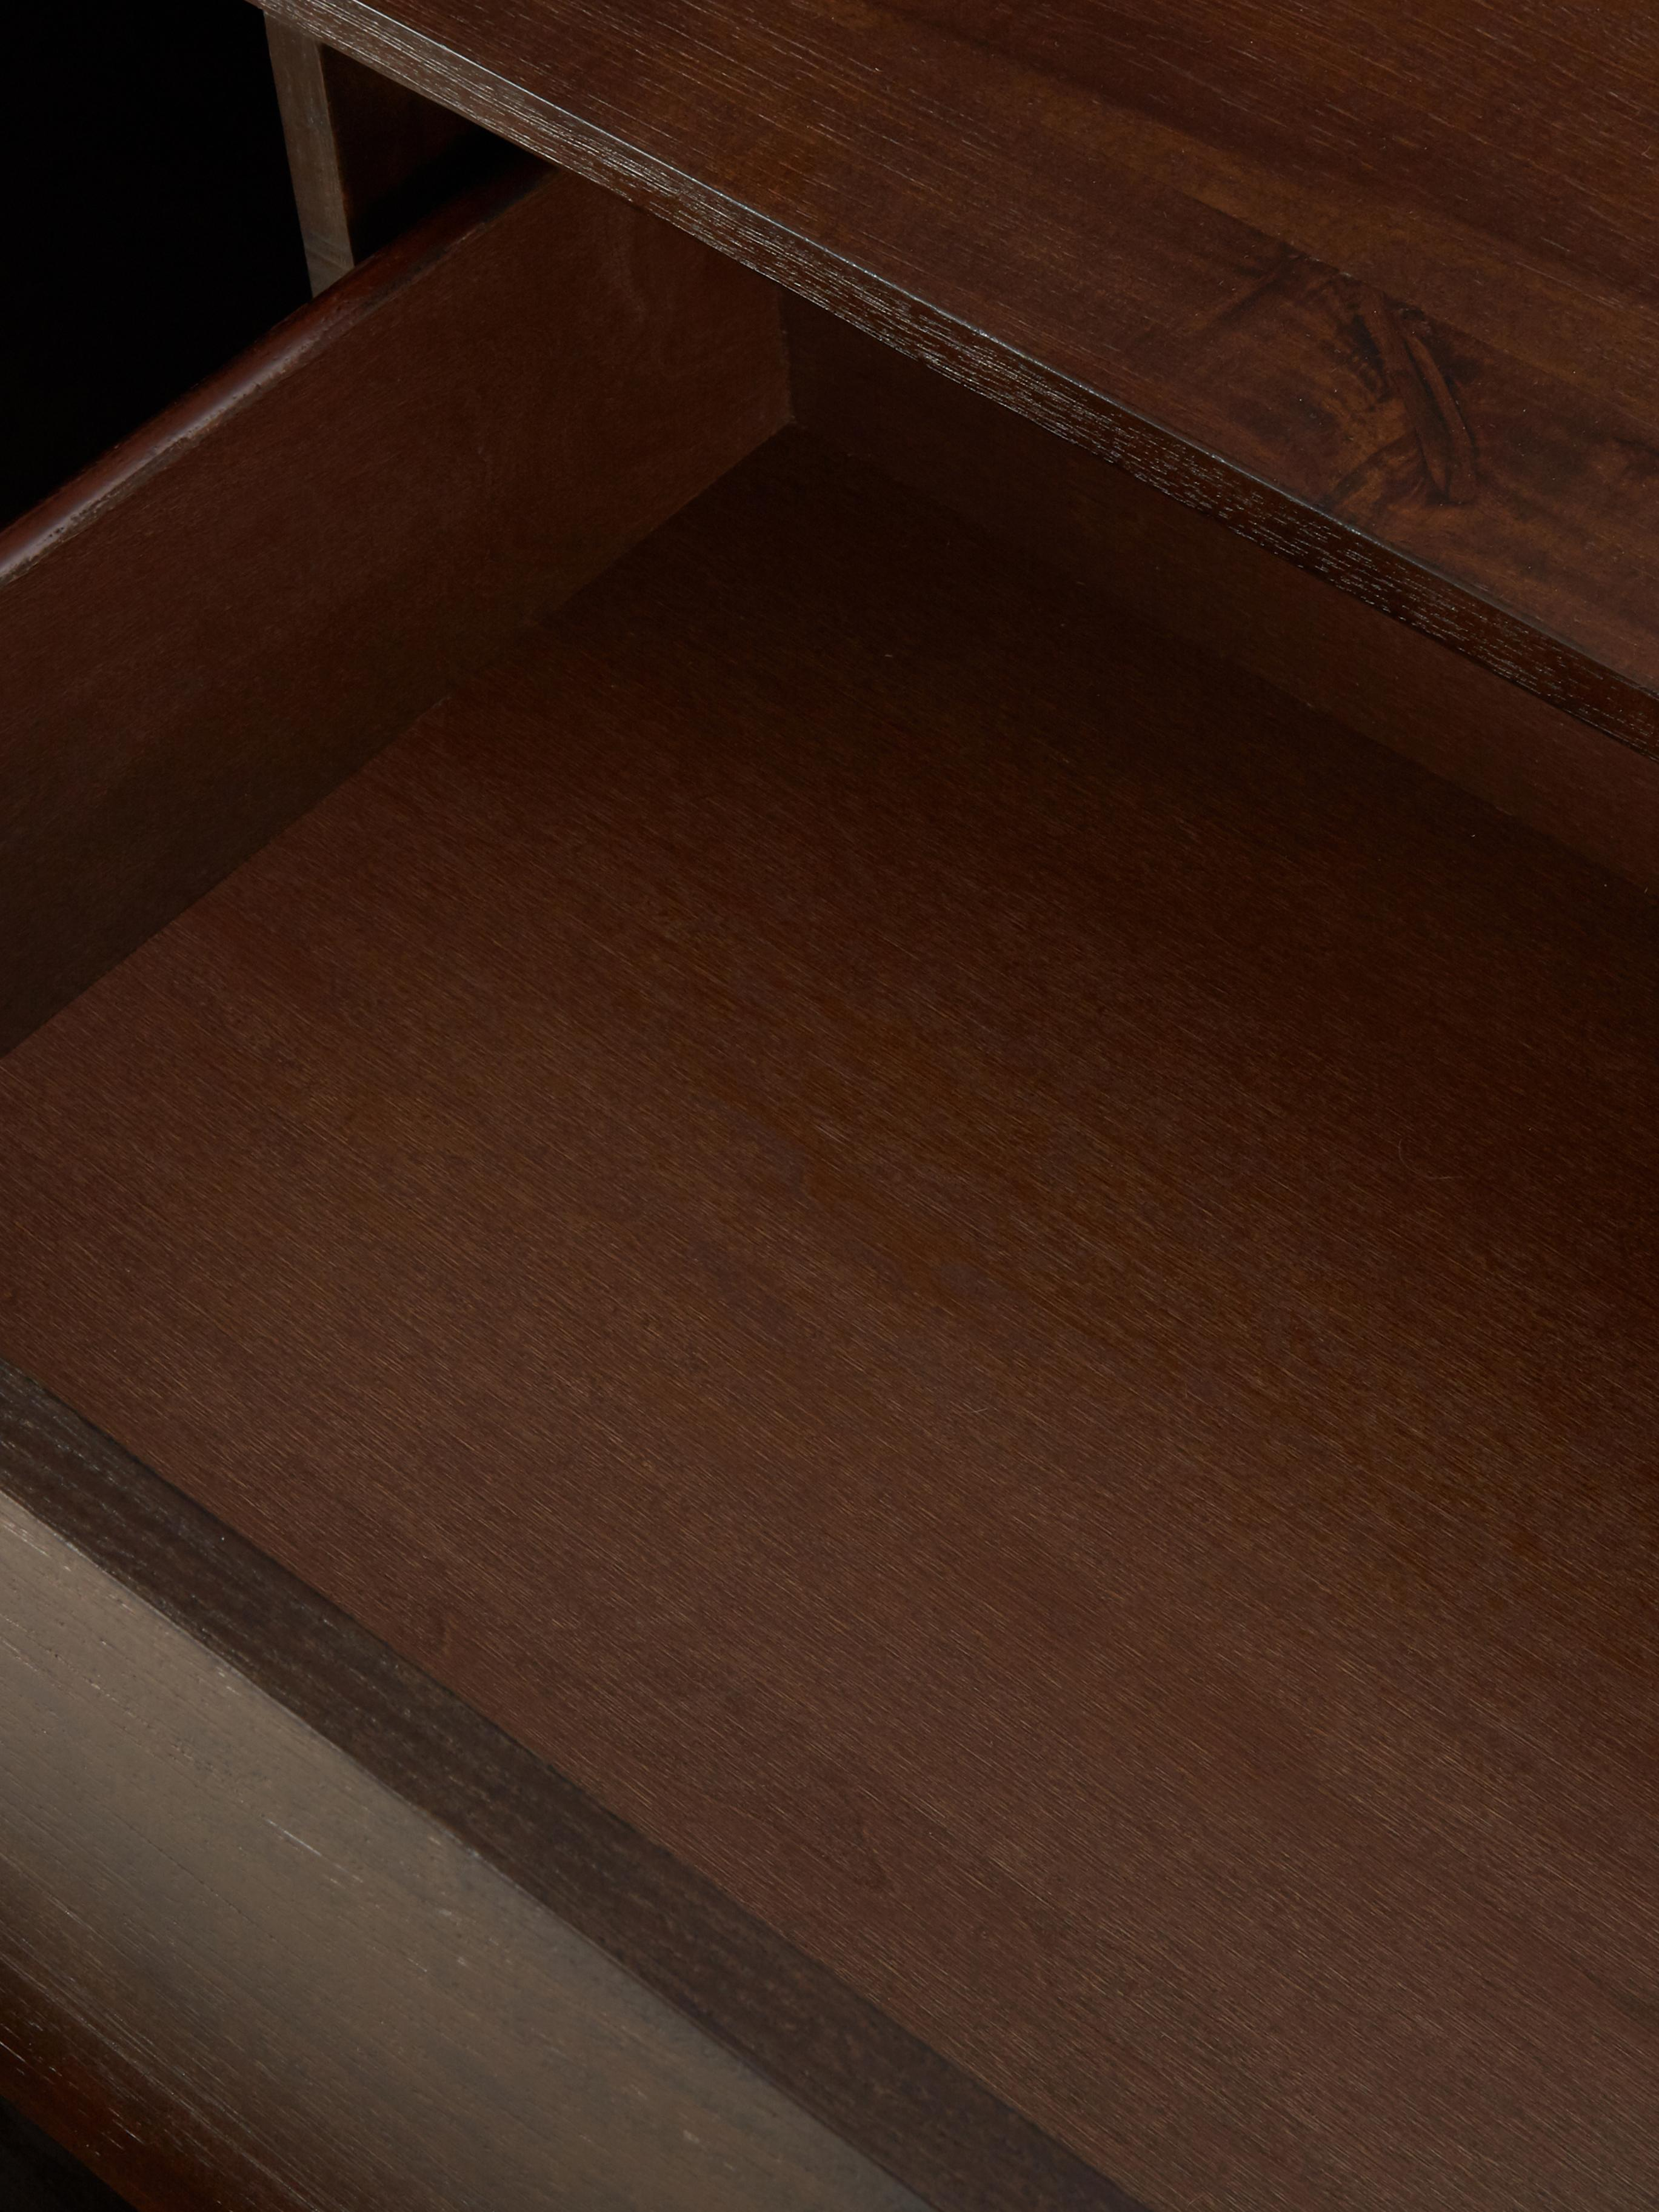 Komoda w jodełkę Class, Korpus: płyta pilśniowa średniej , Drewno akacjowe, odcienie mosiądzu, S 180 x W 80 cm